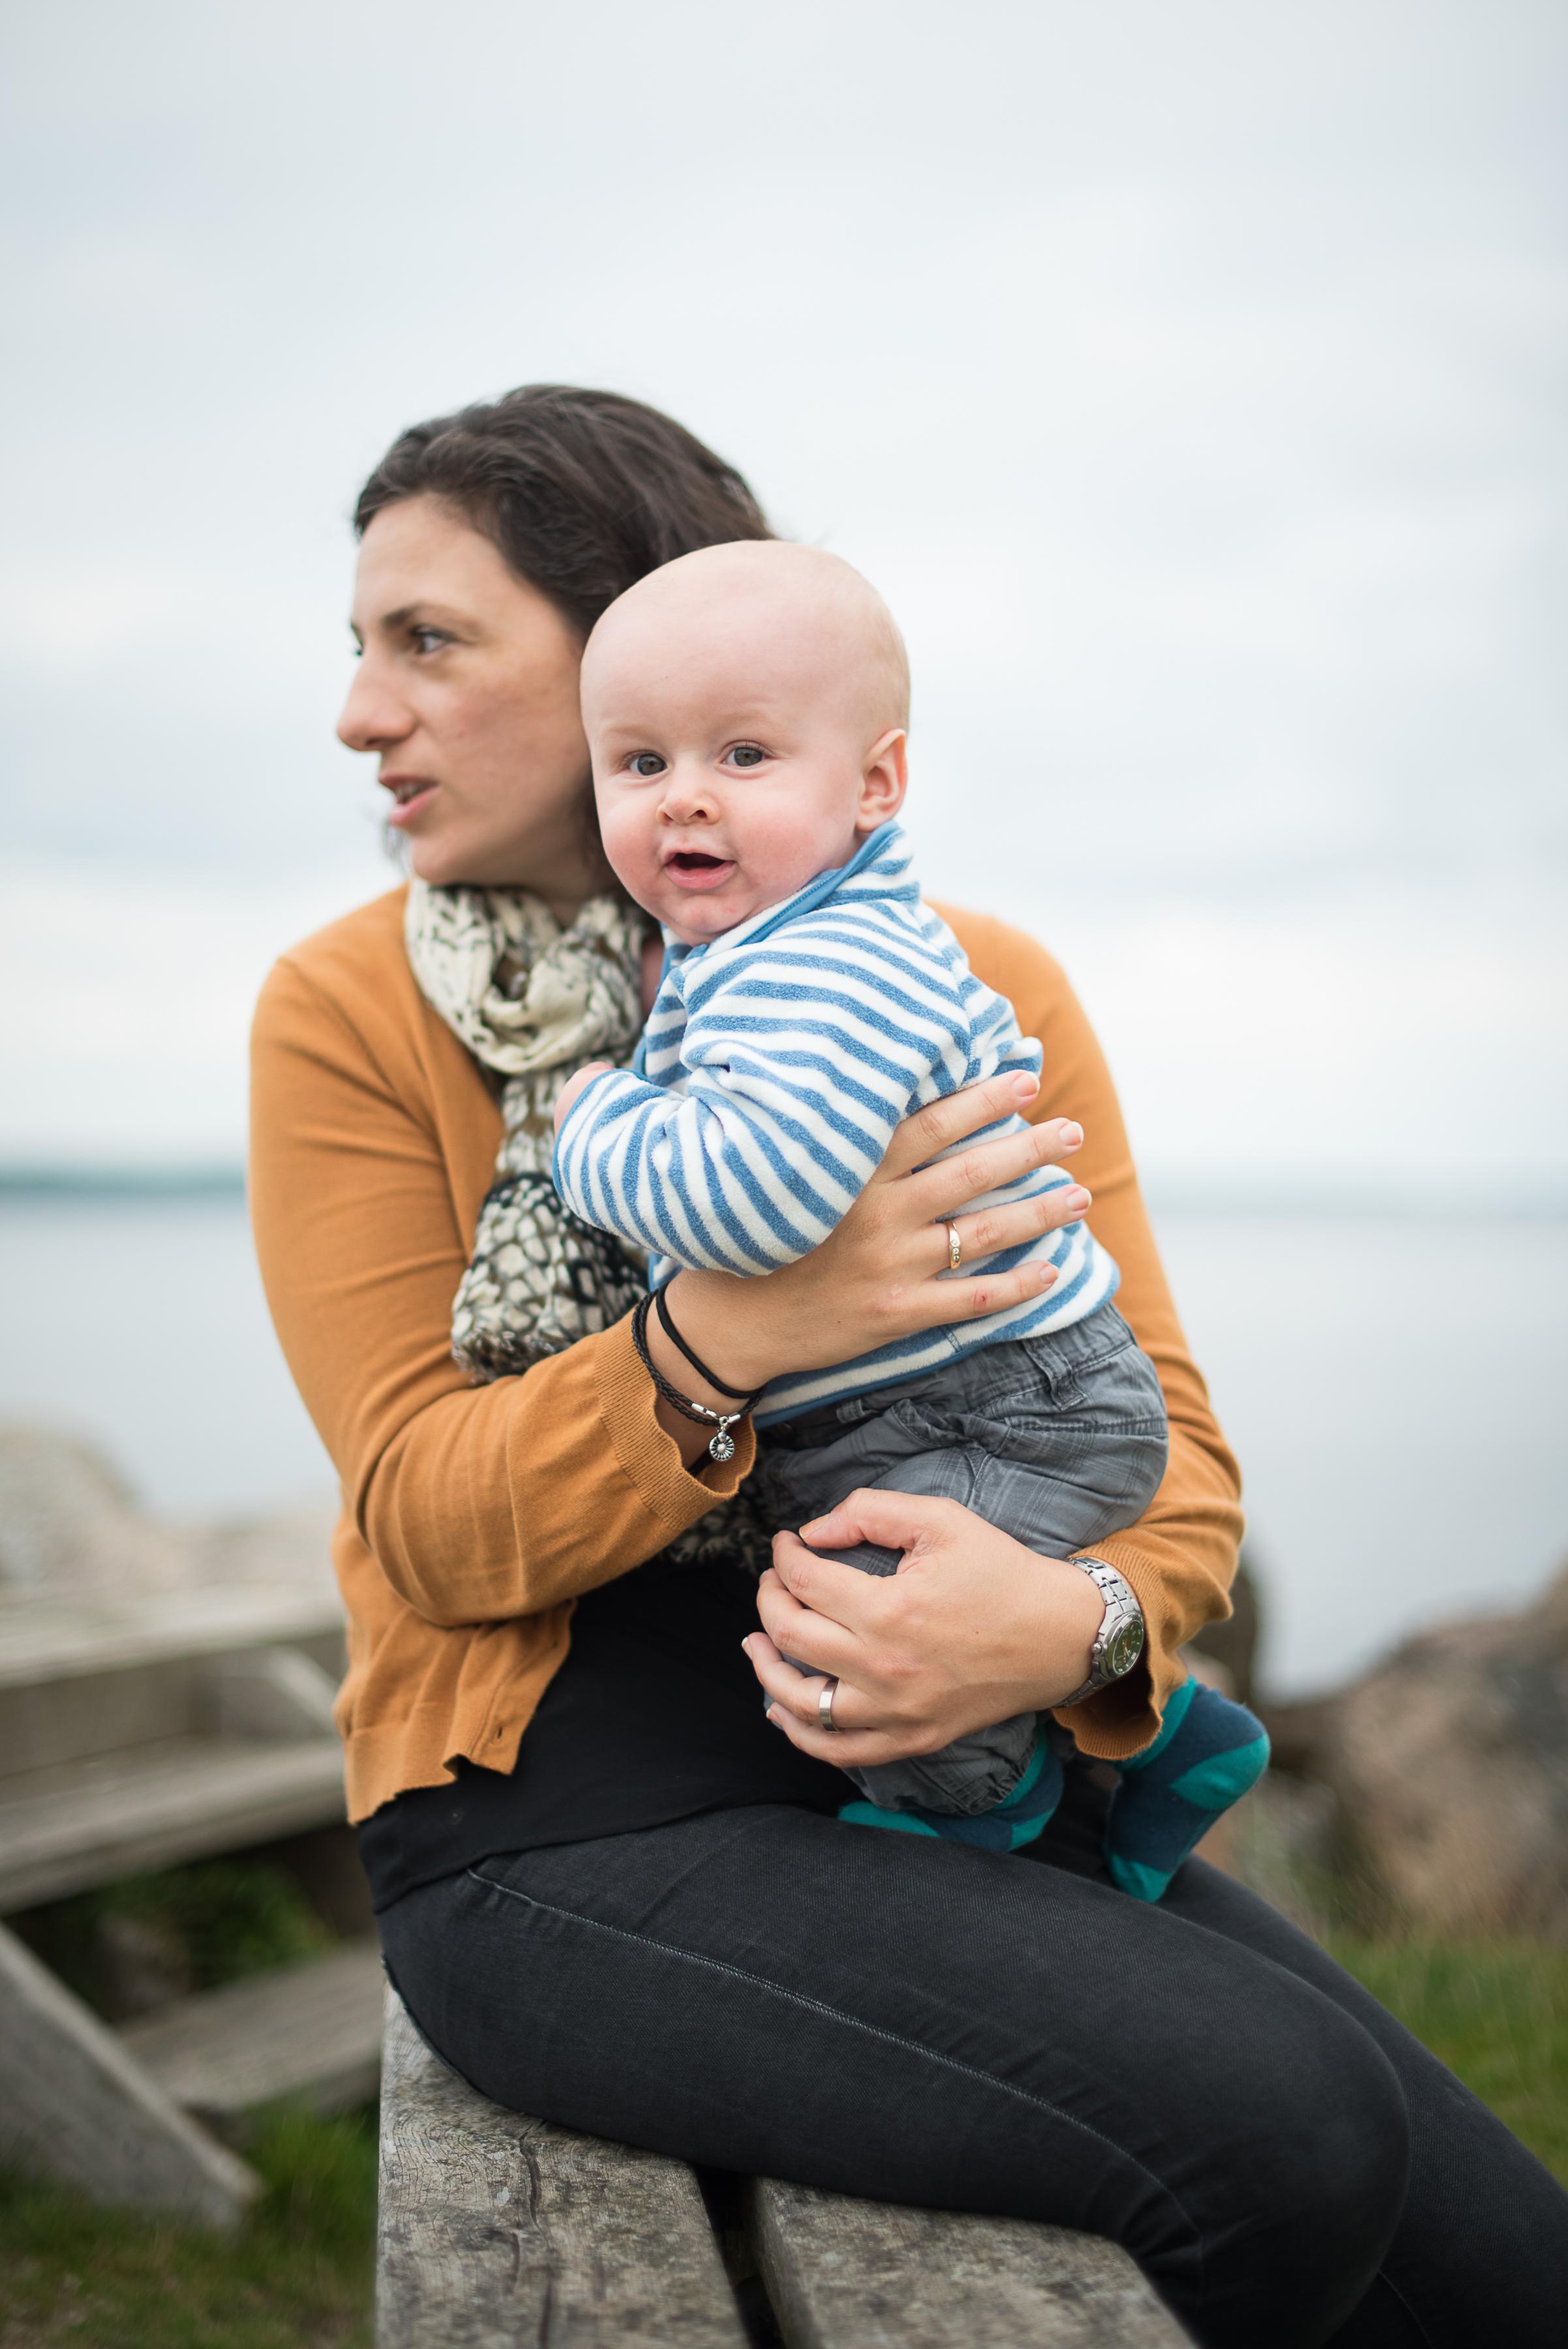 Family Portraits, Sørup, Denmark.